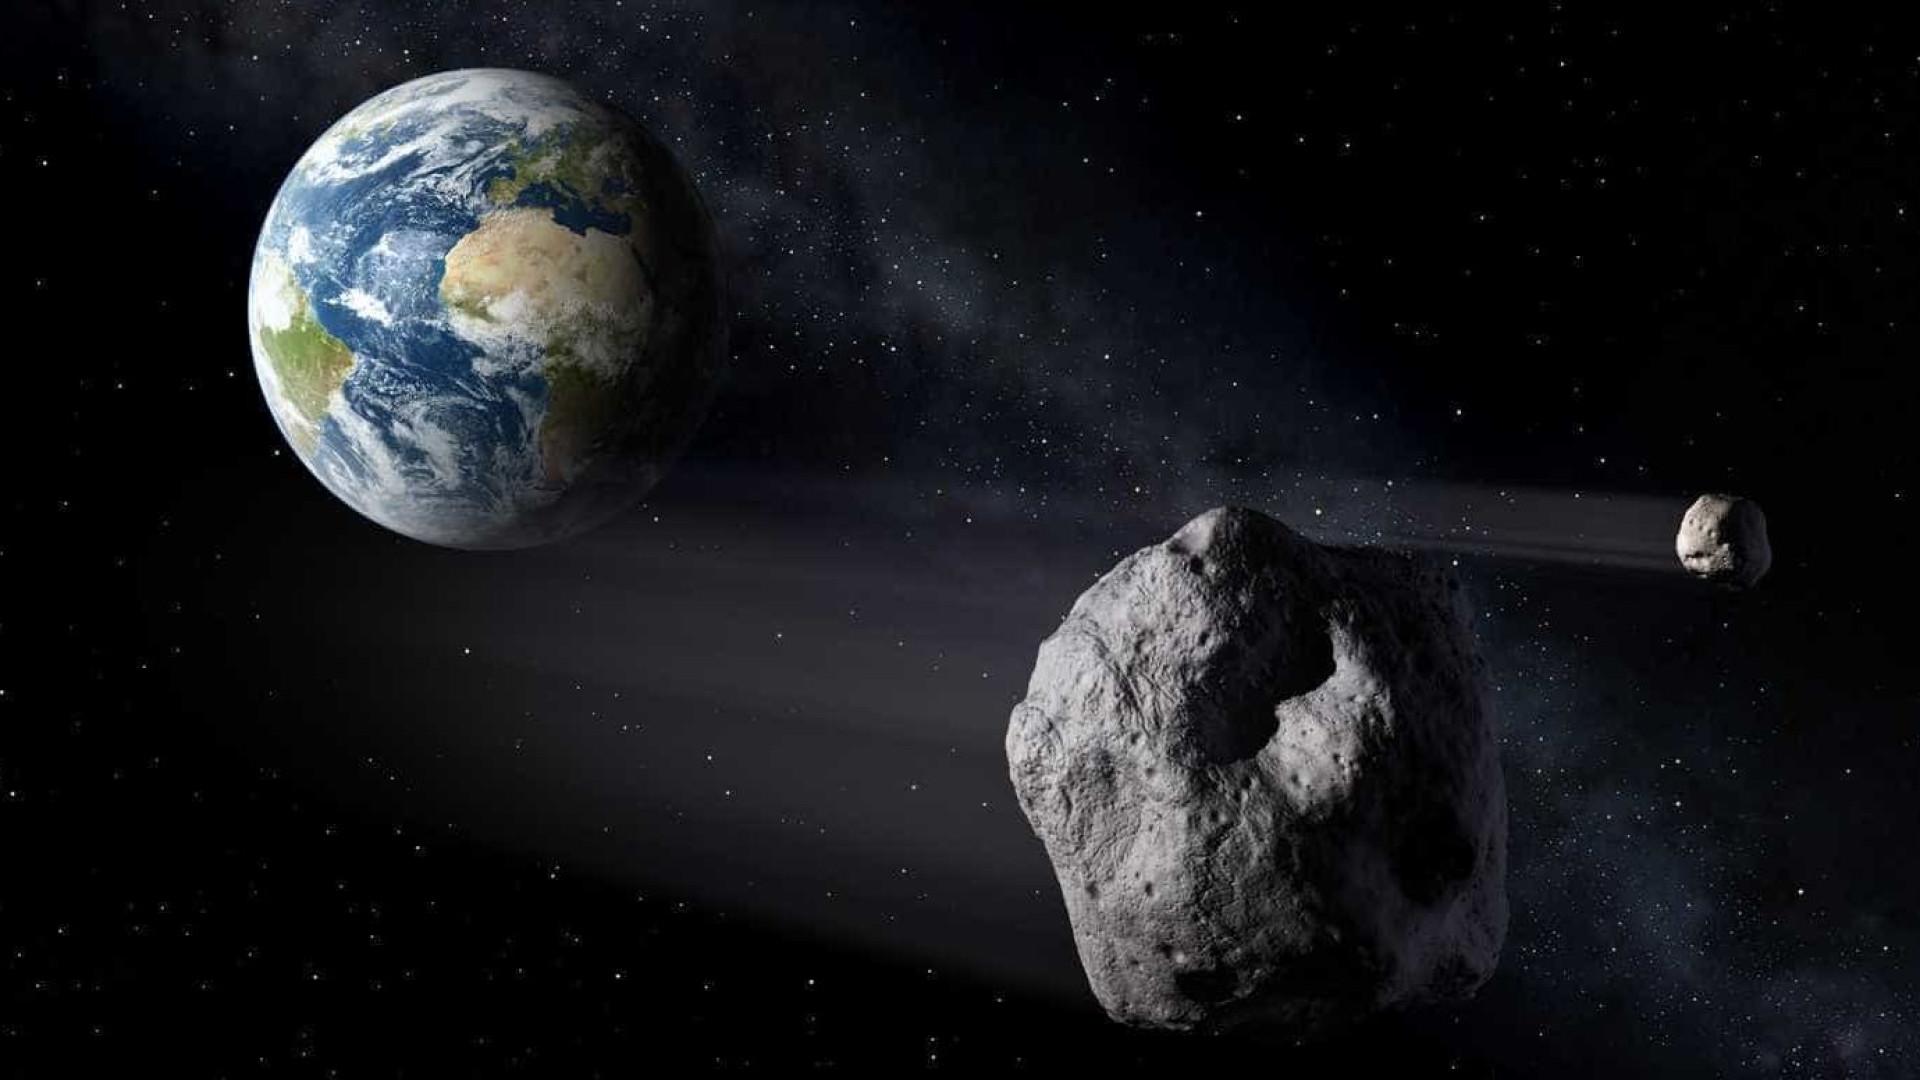 'Asteroide da morte' se aproxima da Terra